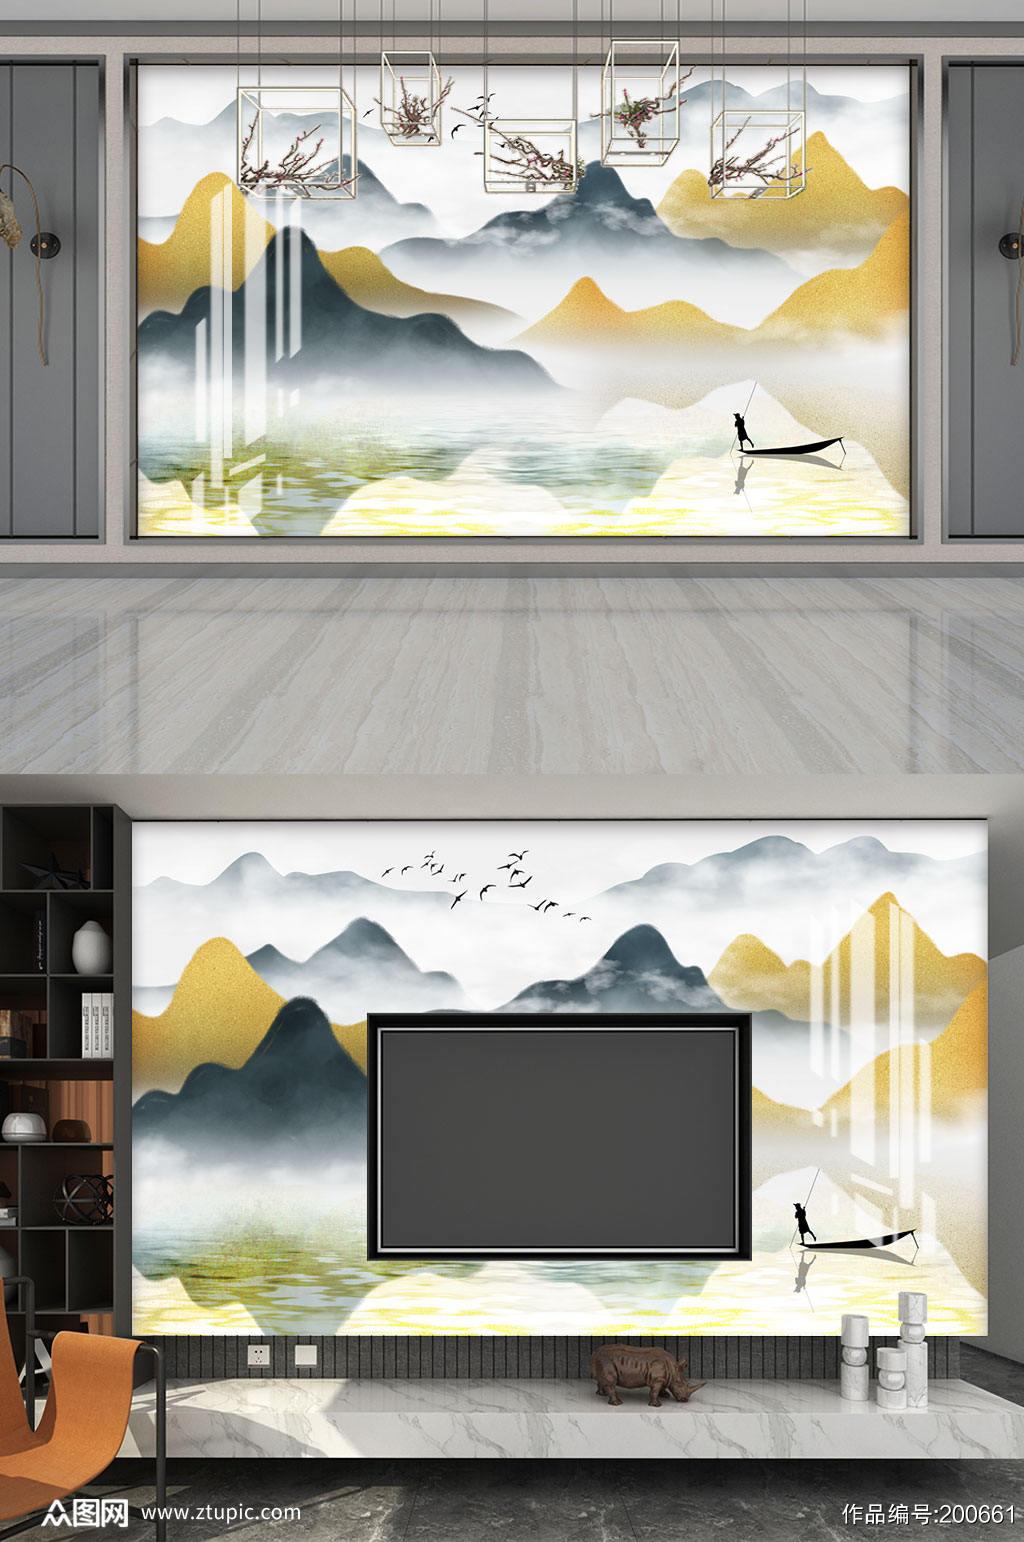 水墨山水风景意境背景墙素材